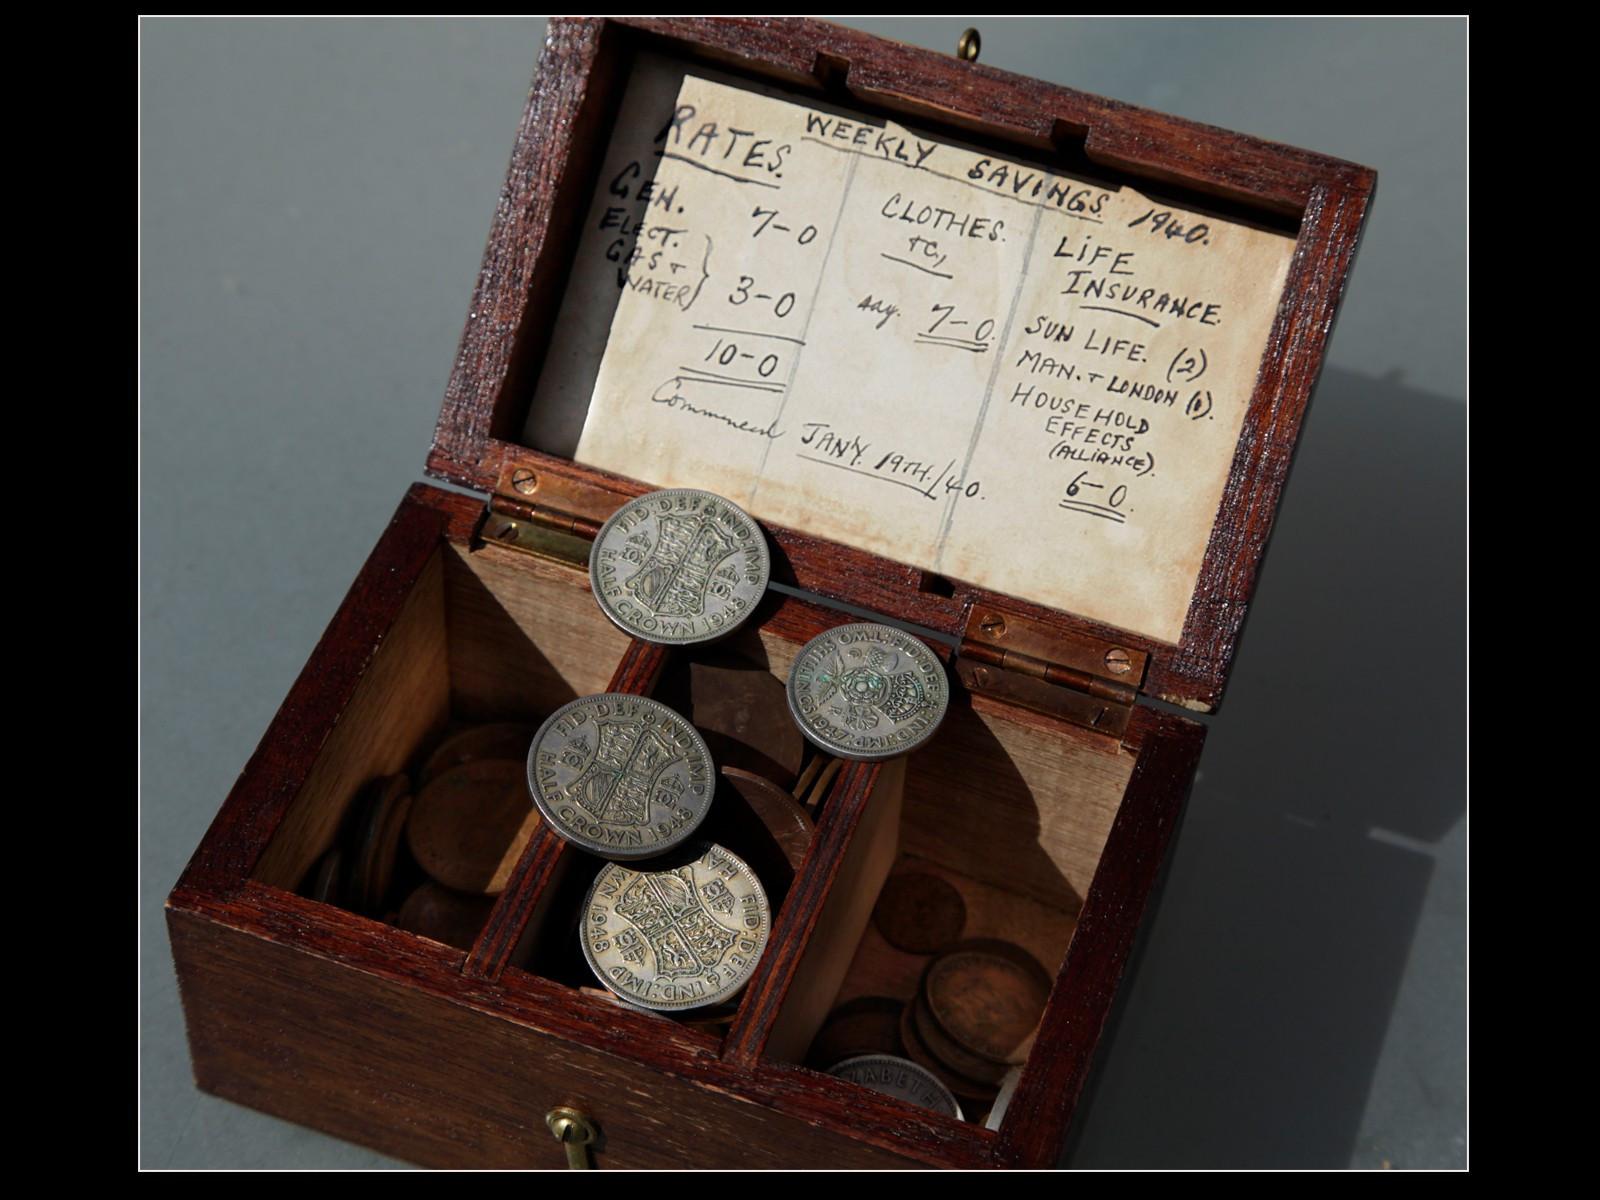 3.War-time Savings